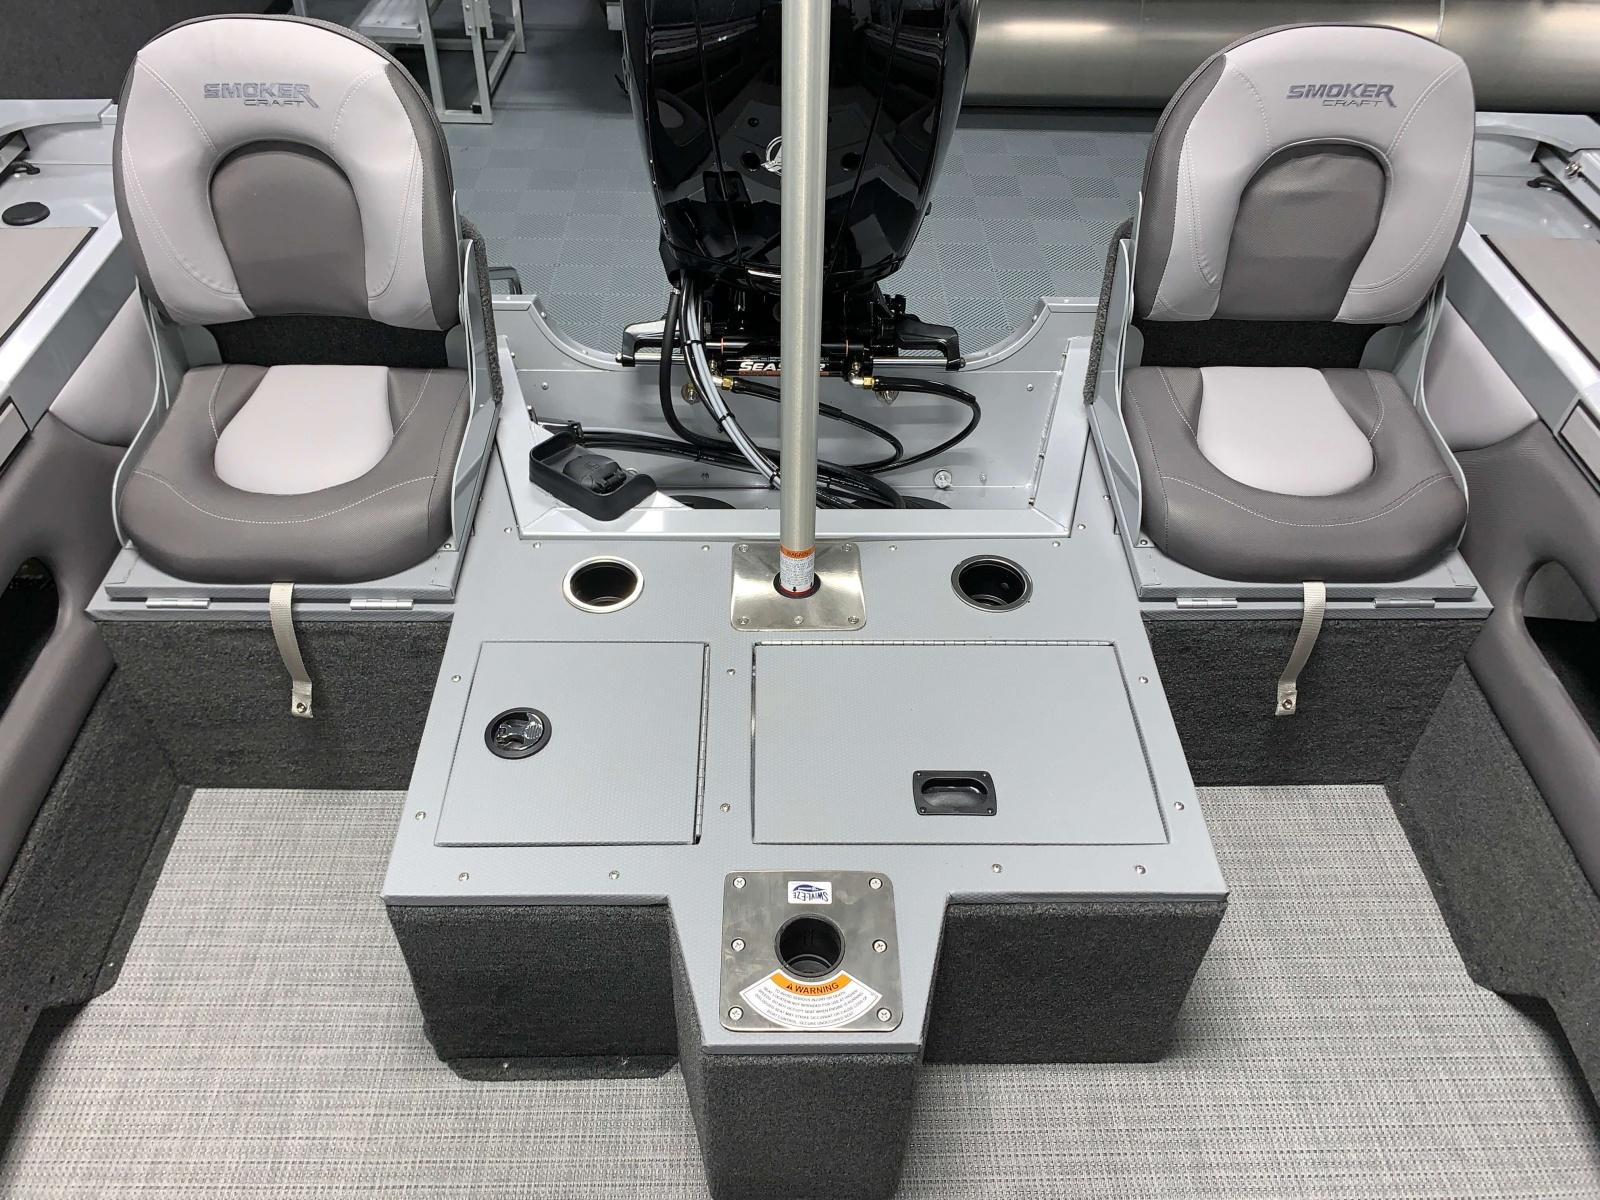 Rear Jump Seats of a 2020 Smoker Craft 182 Explorer Fish And Ski Boat